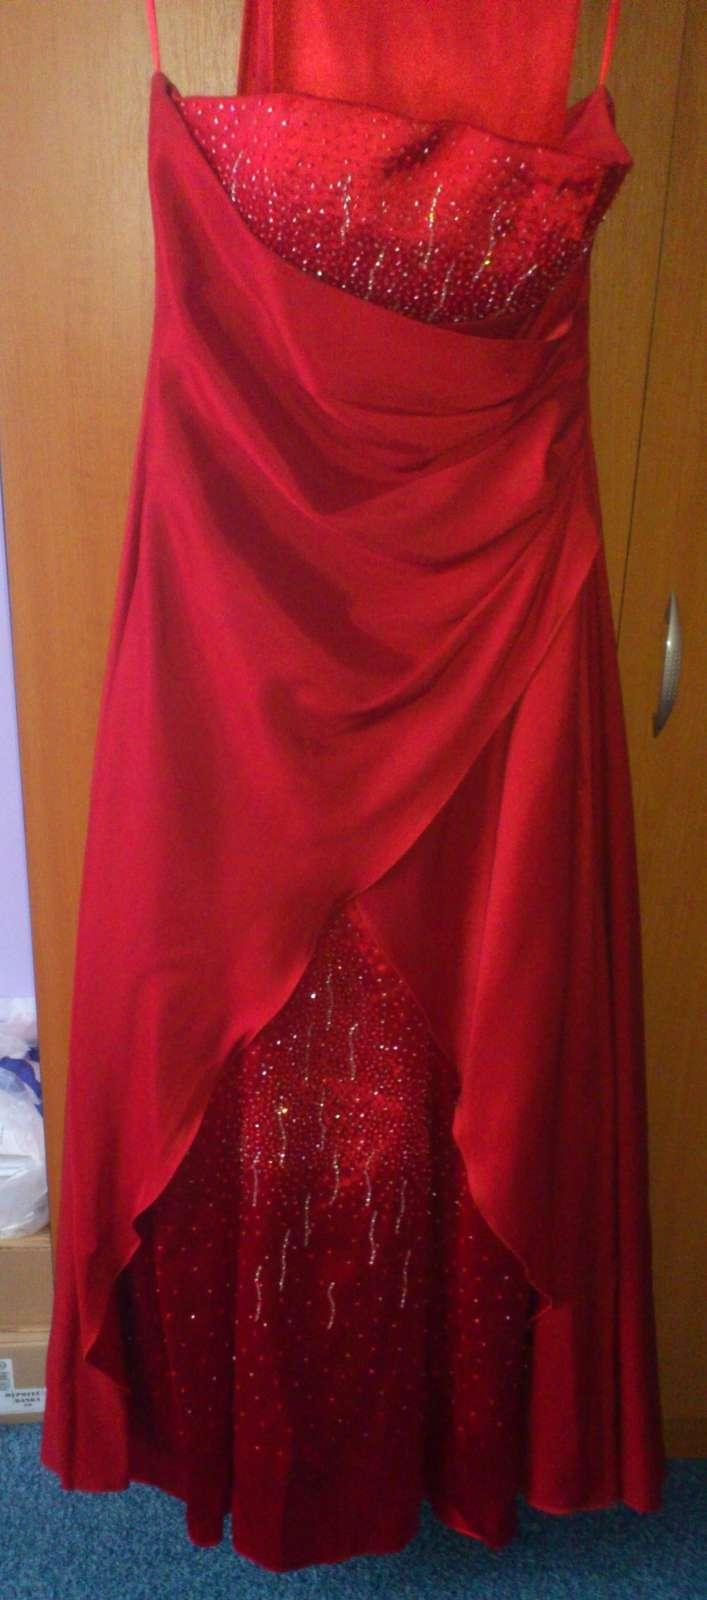 eb74dff80e2a Spoločenské šaty (cena vrátane poštovného)